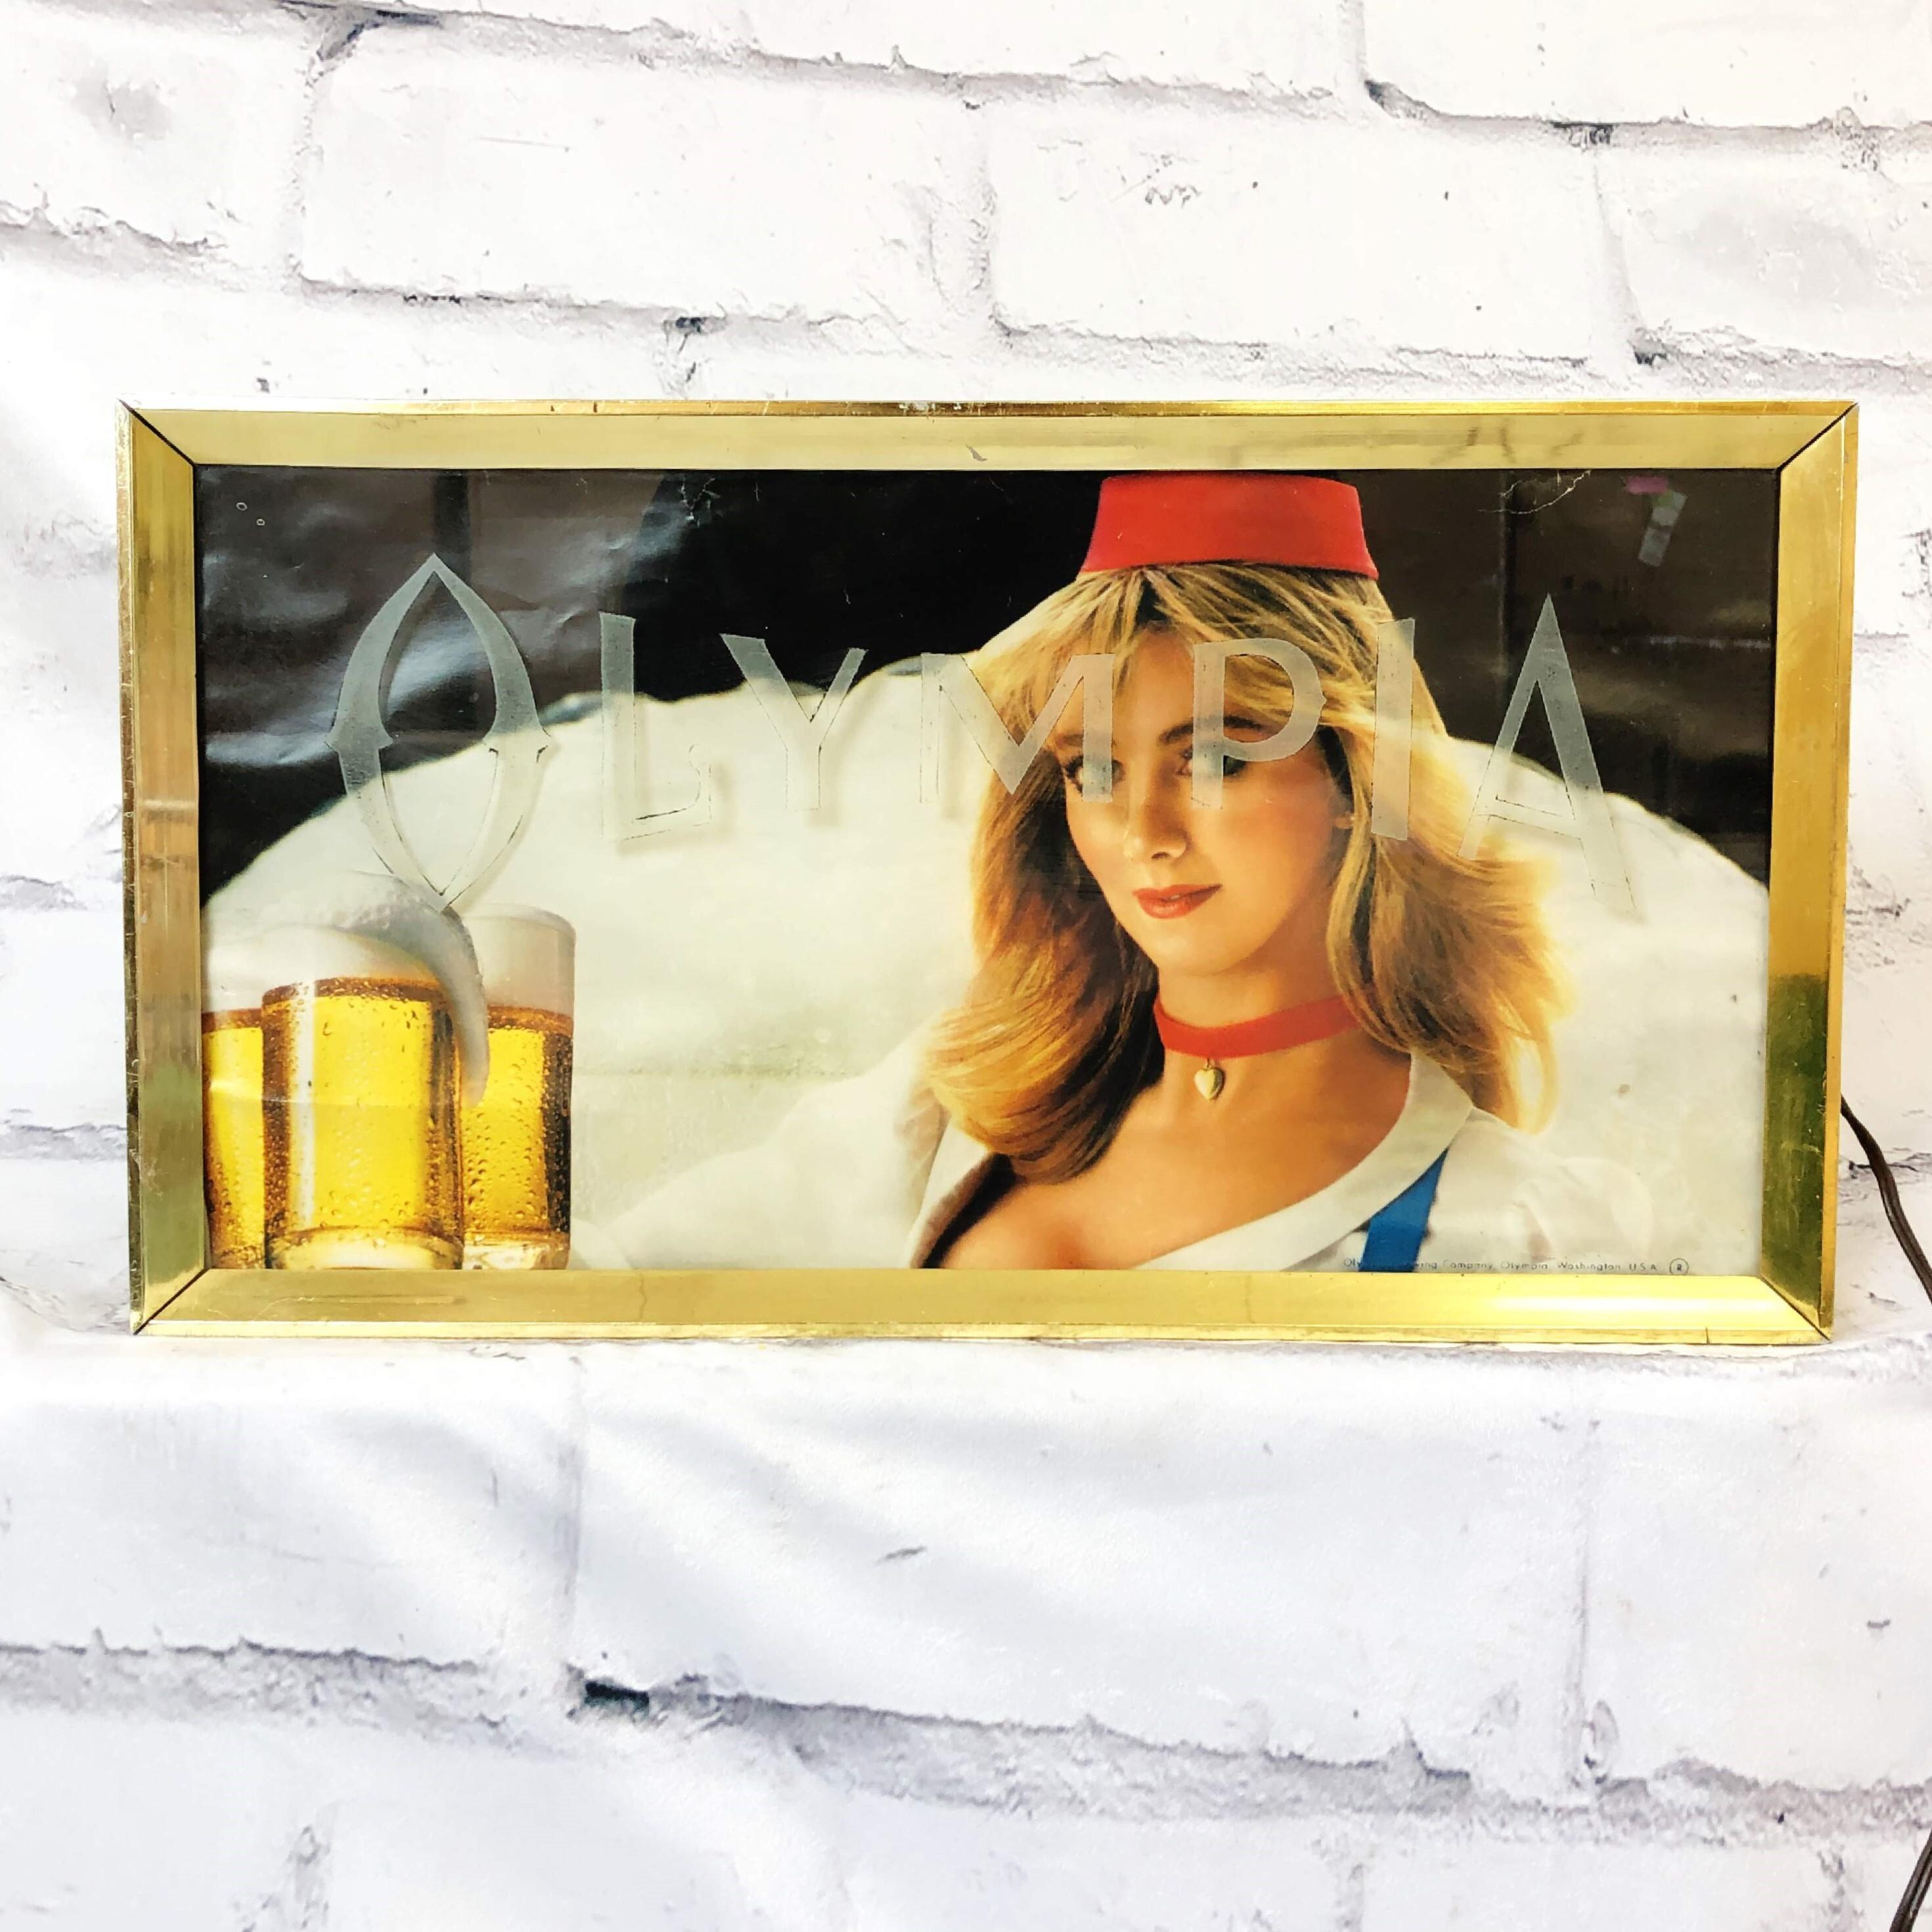 品番2079 OLYMPIA ネオンライト オリンピア ビール 女性 看板 サイン